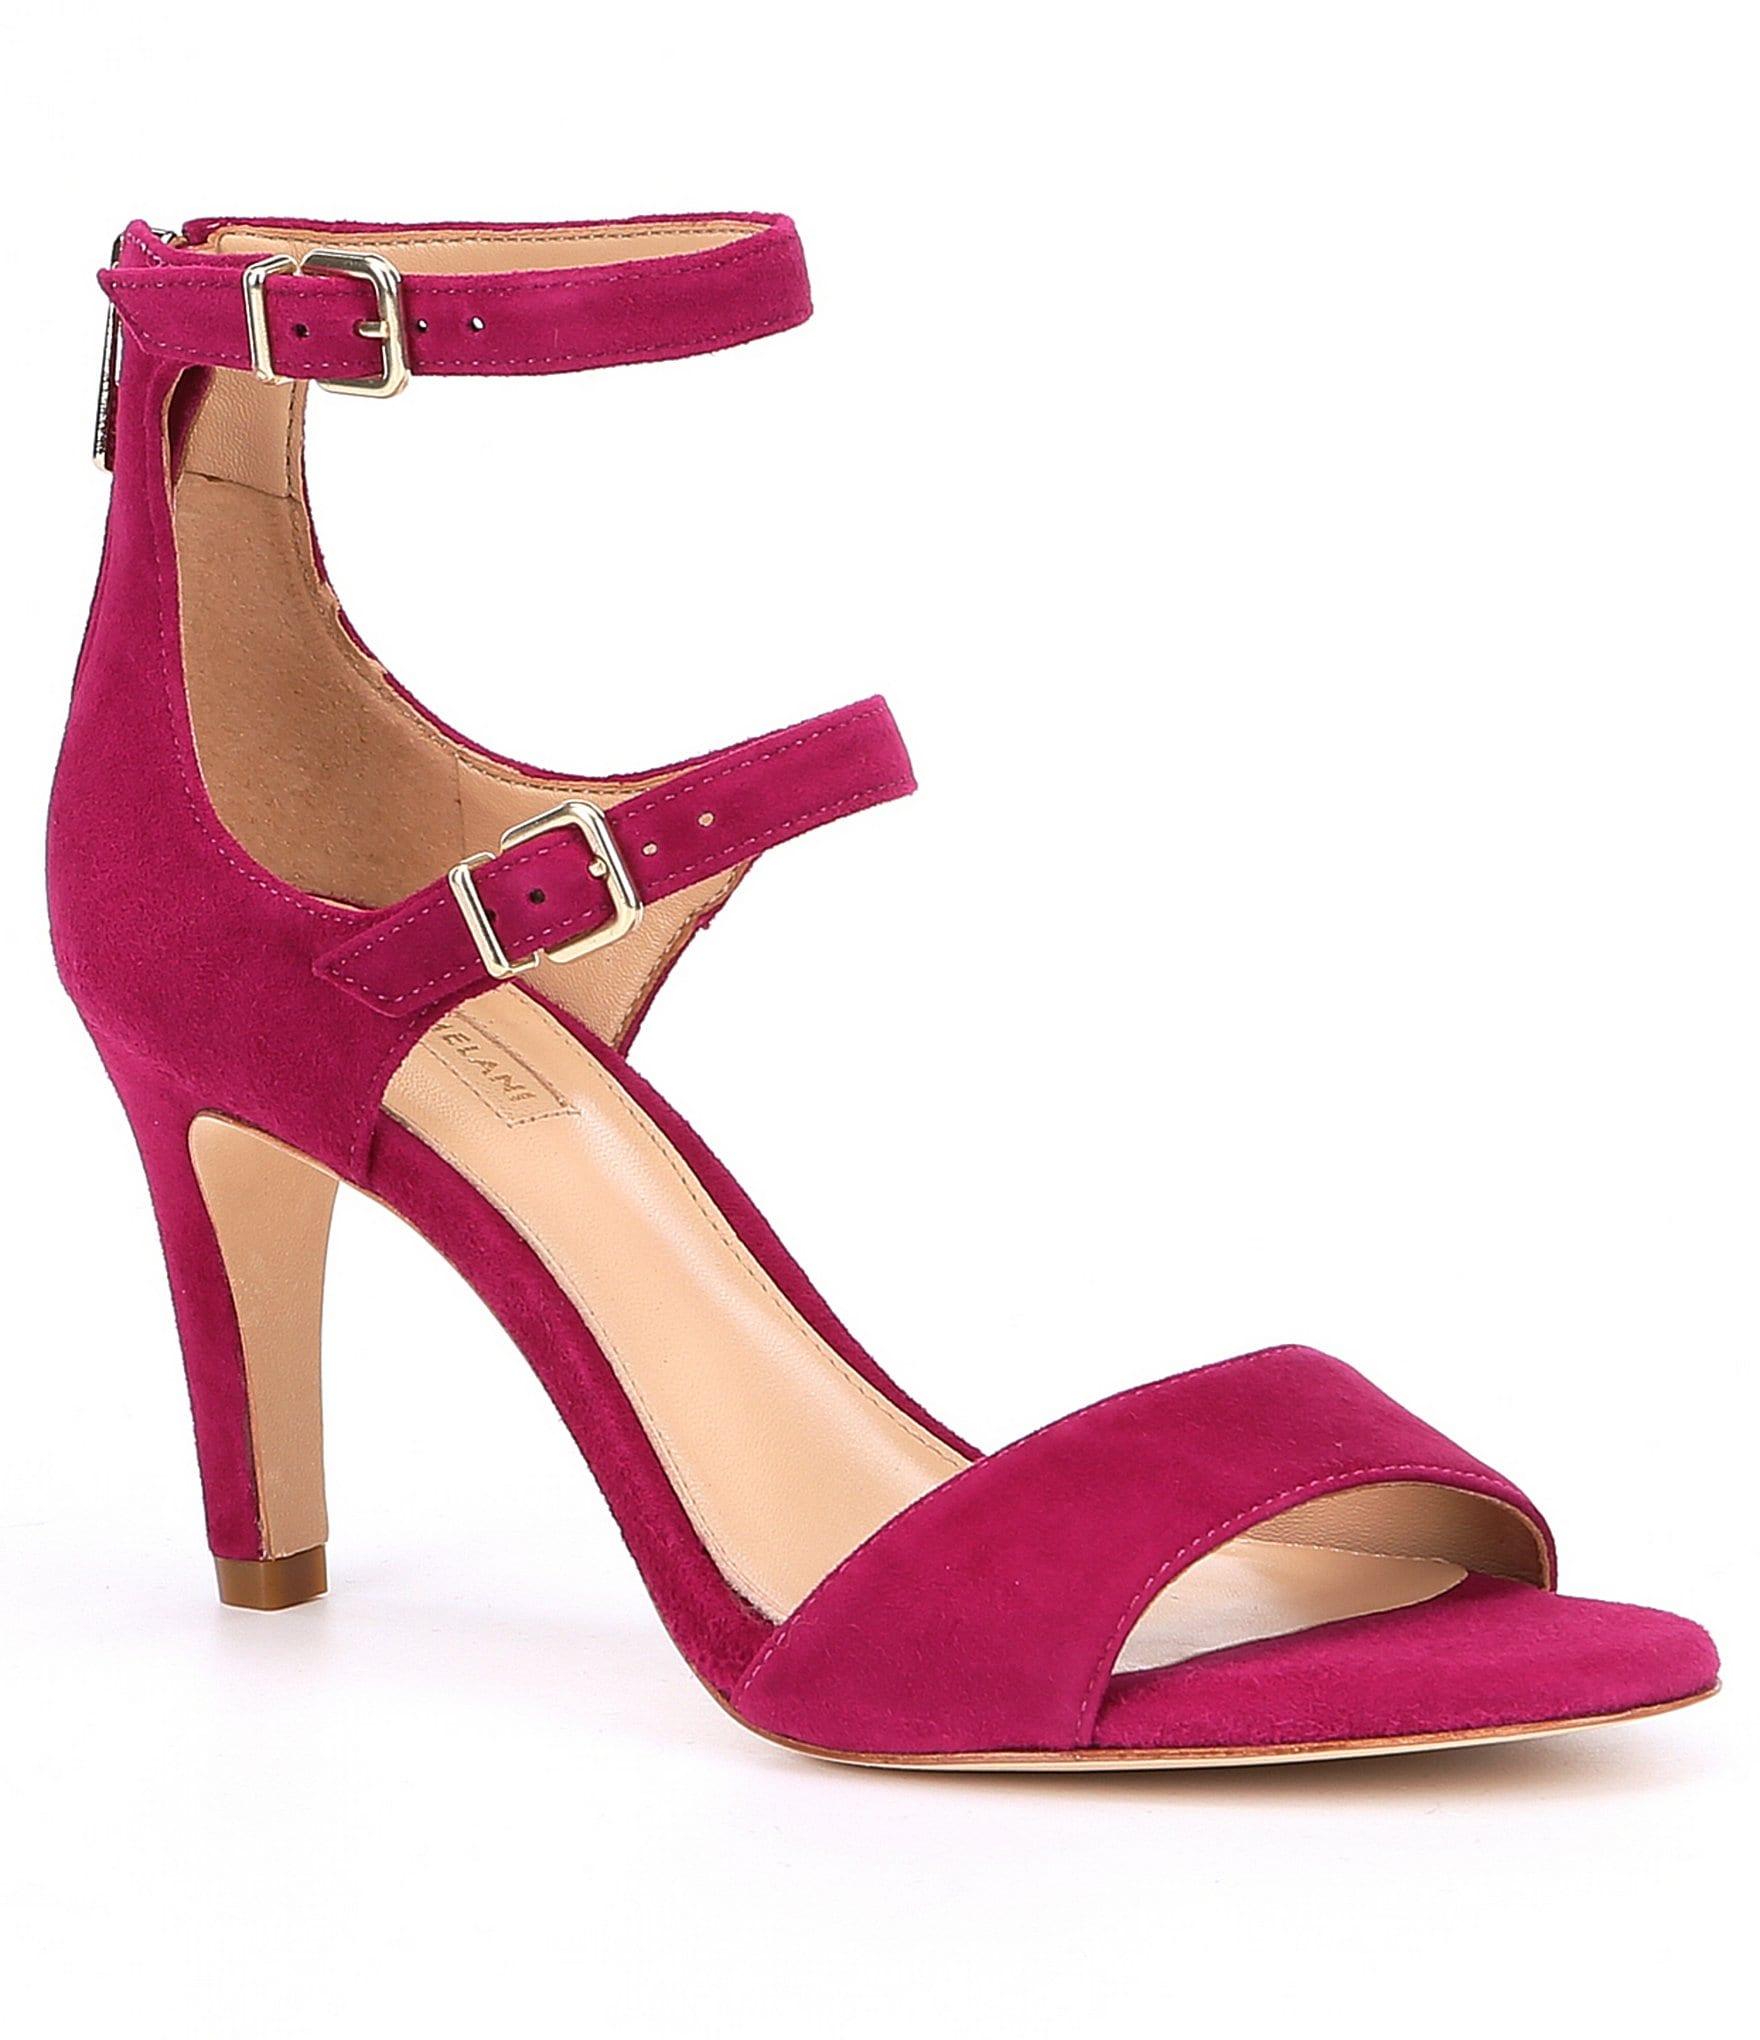 Black poppy sandals - Black Poppy Sandals 24